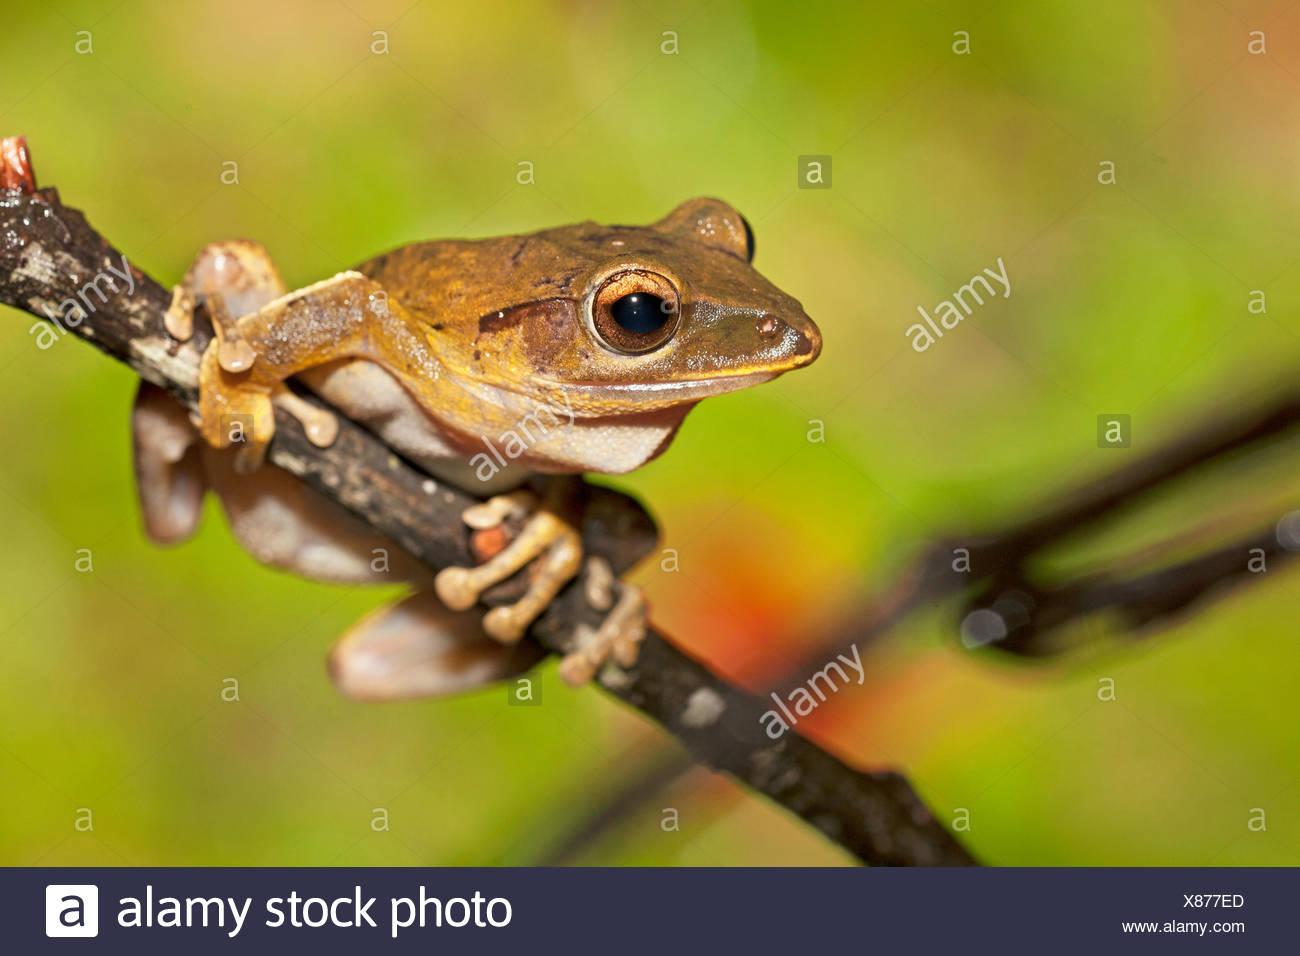 common treefrog on twig - Stock Image